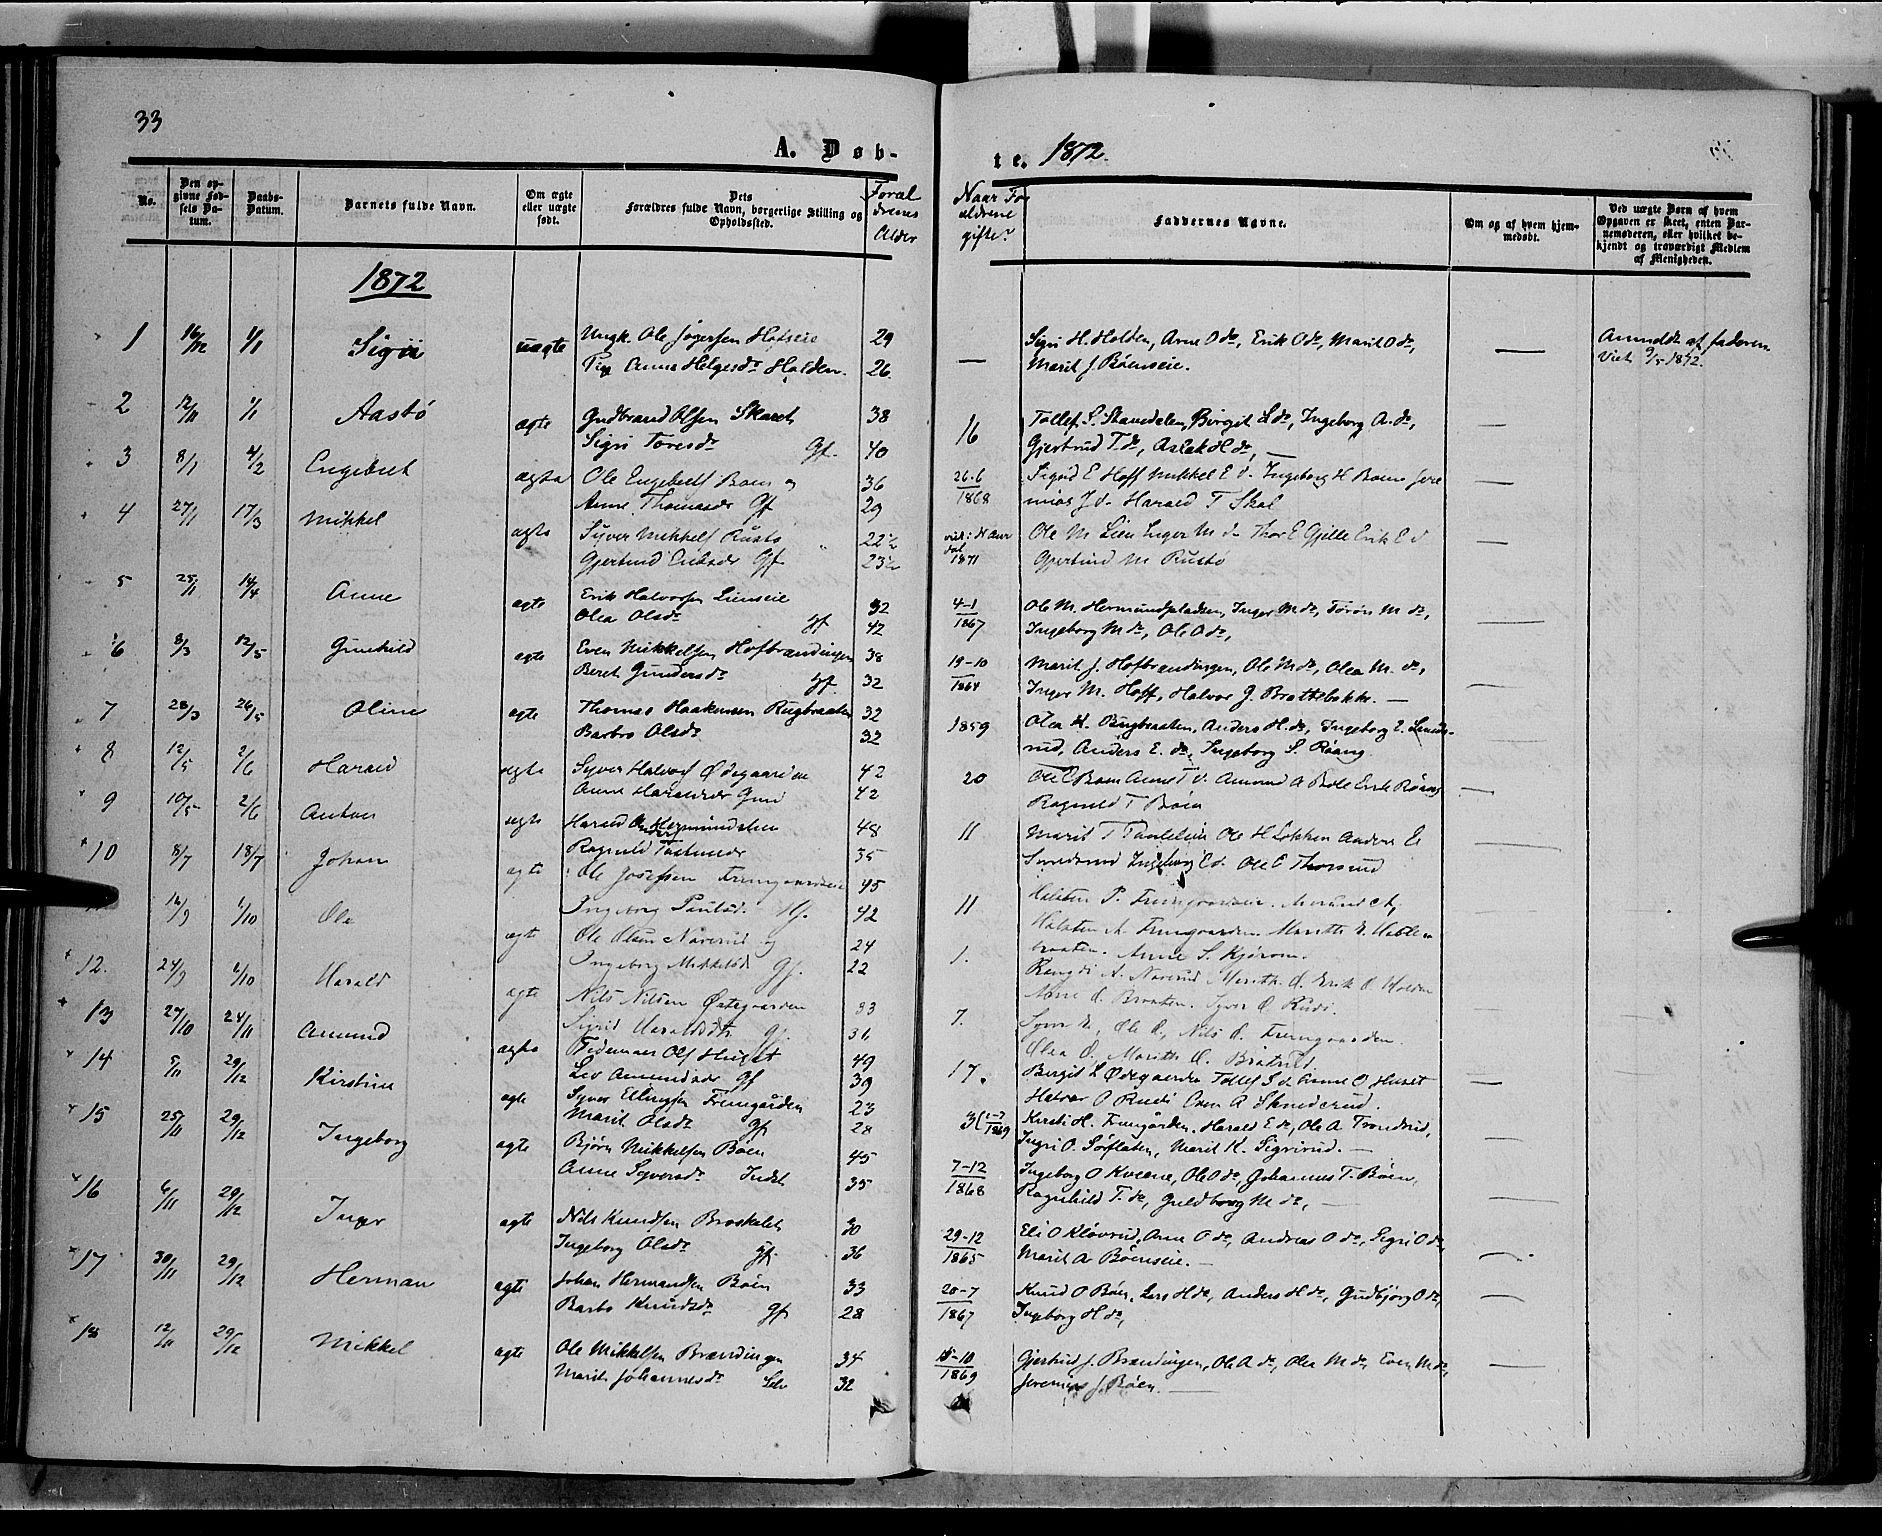 SAH, Sør-Aurdal prestekontor, Ministerialbok nr. 6, 1849-1876, s. 33